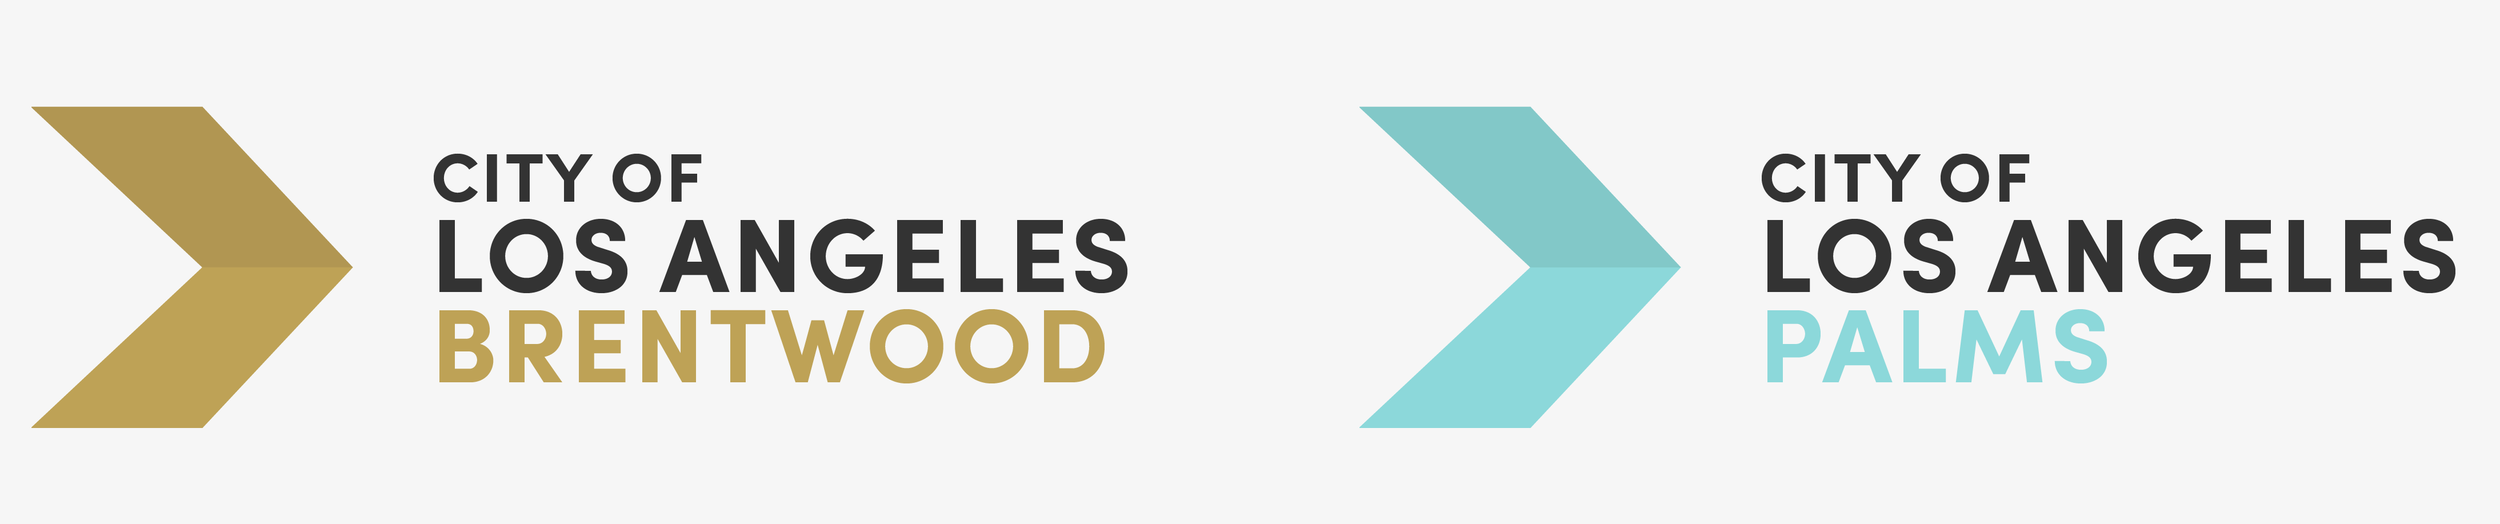 Applying identity to neighborhoods within LA.